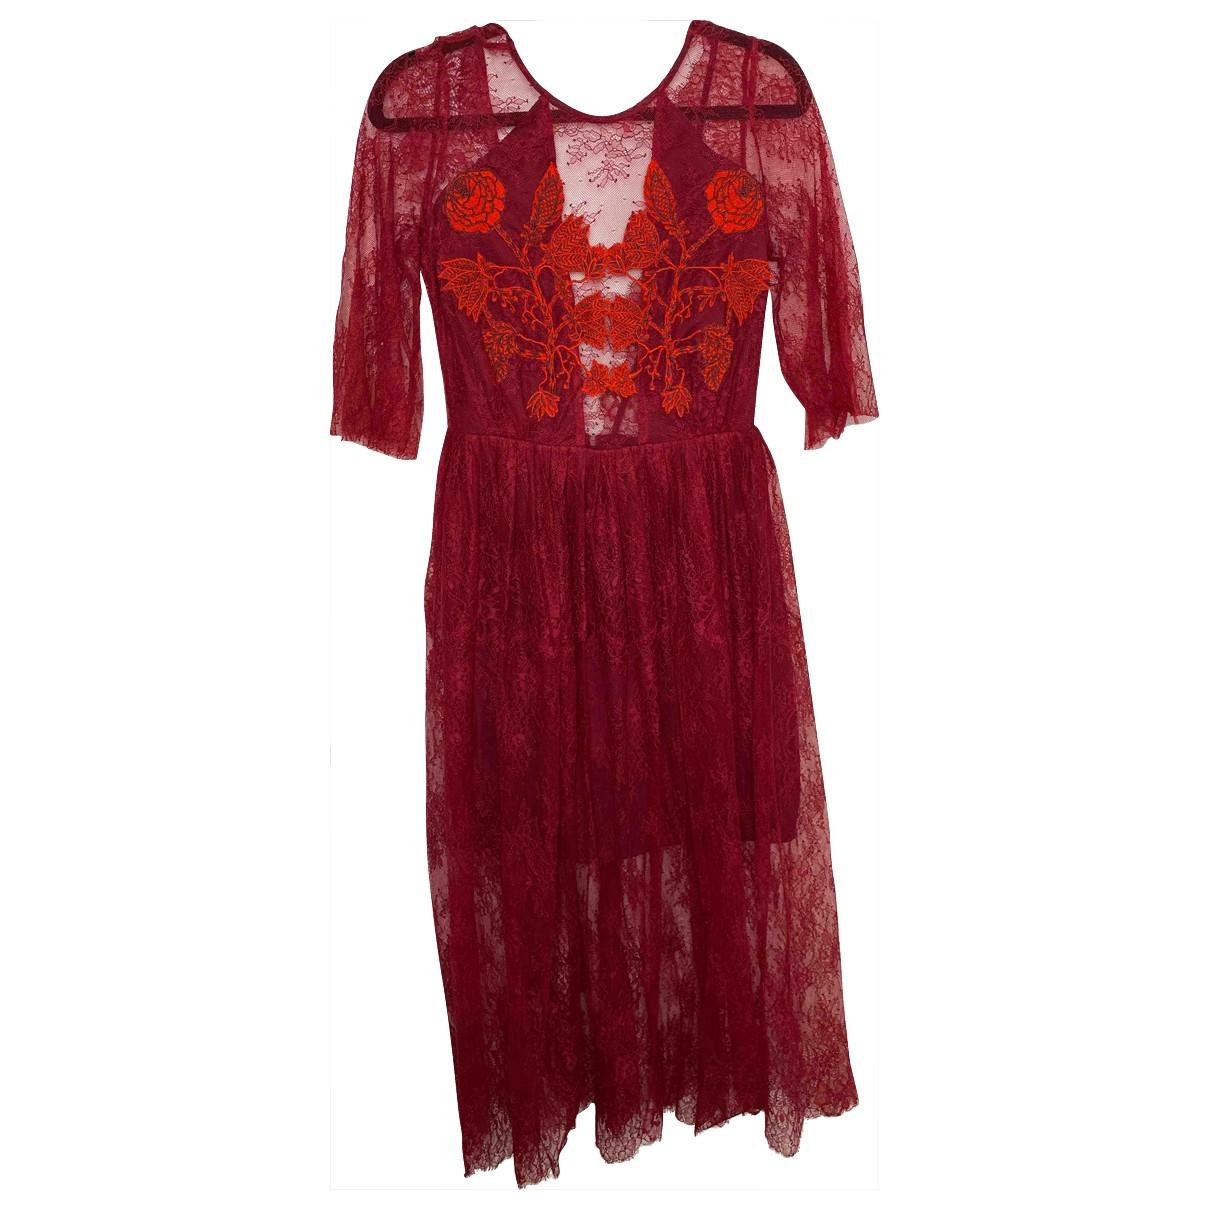 Sandro \N Kleid in  Bordeauxrot Polyester